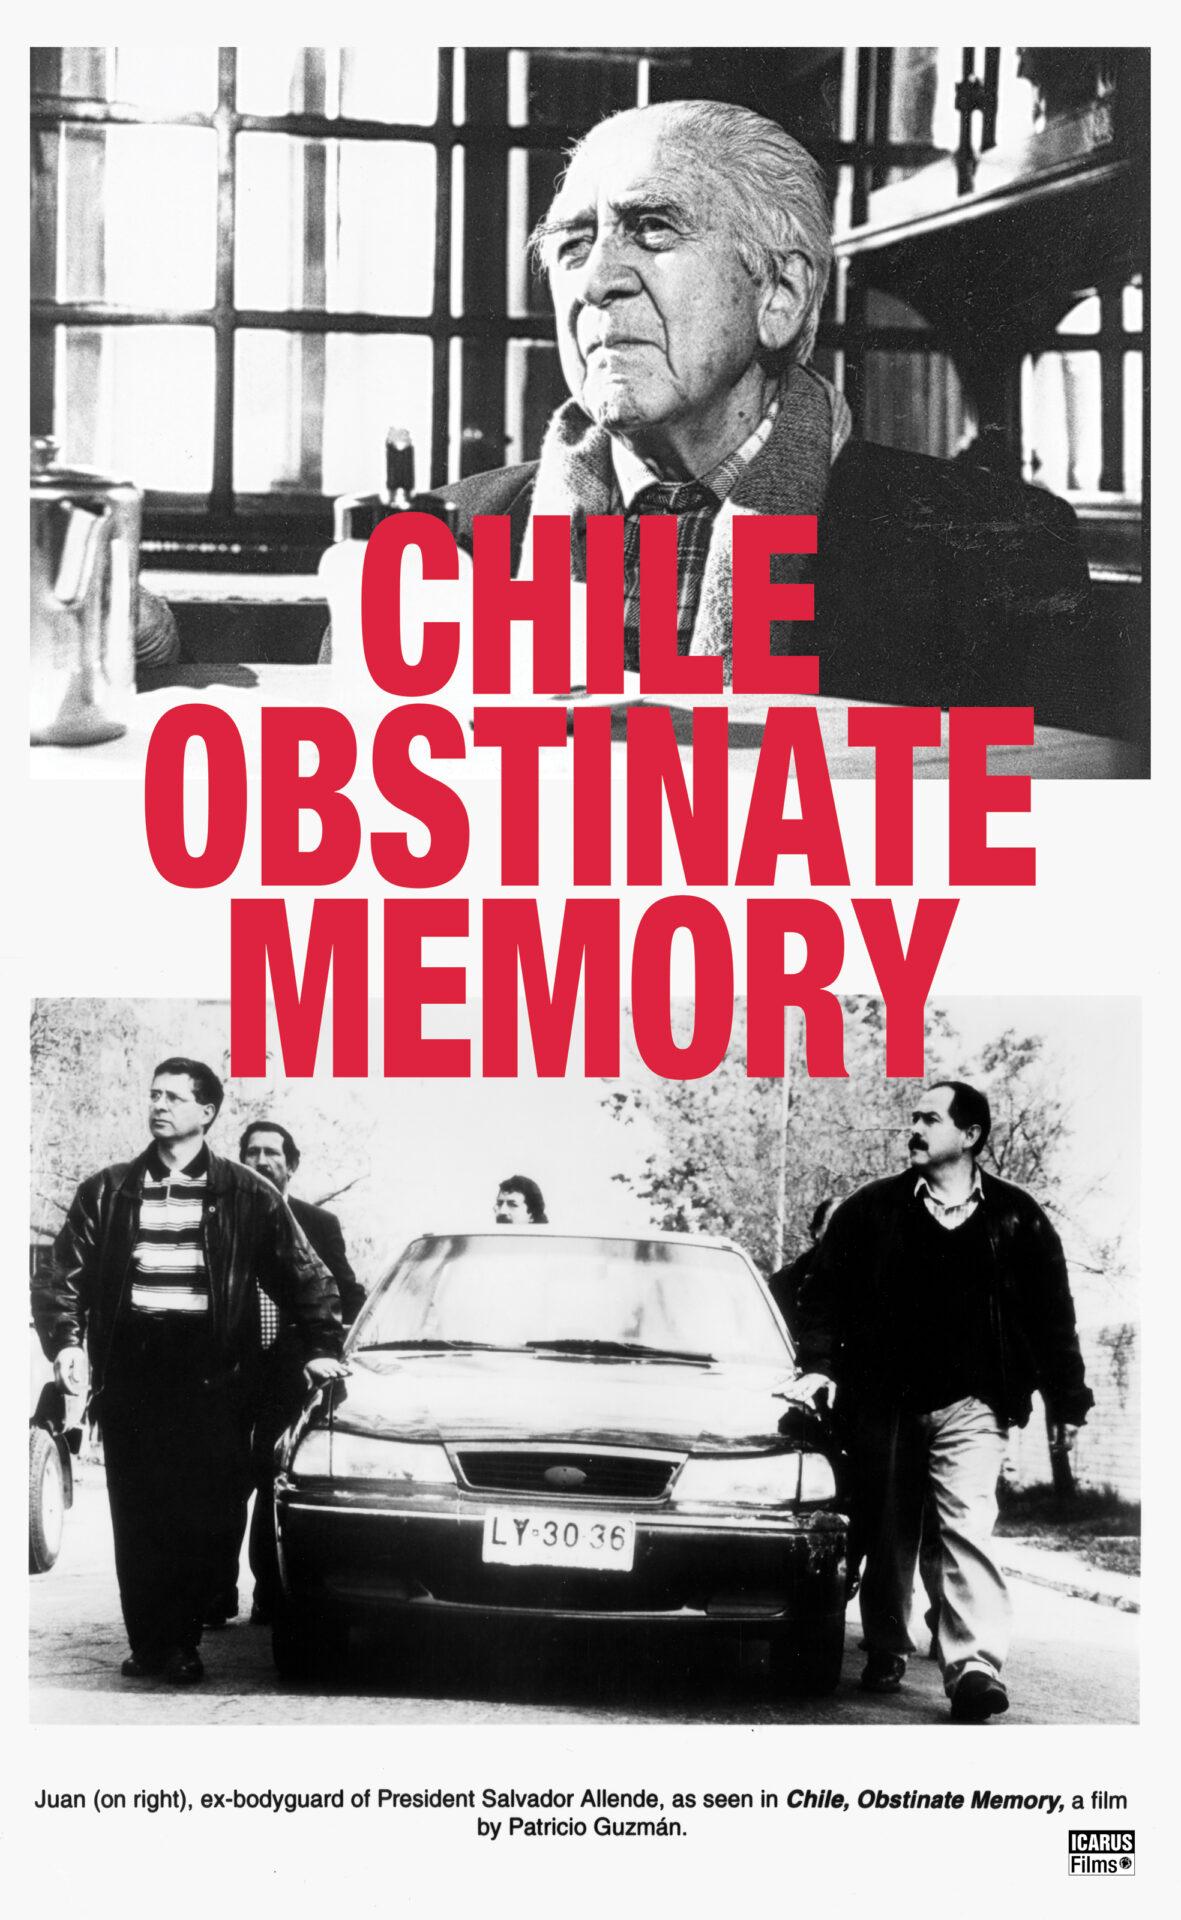 Hall of Fame: Čile, tvrdoglavo sjećanje